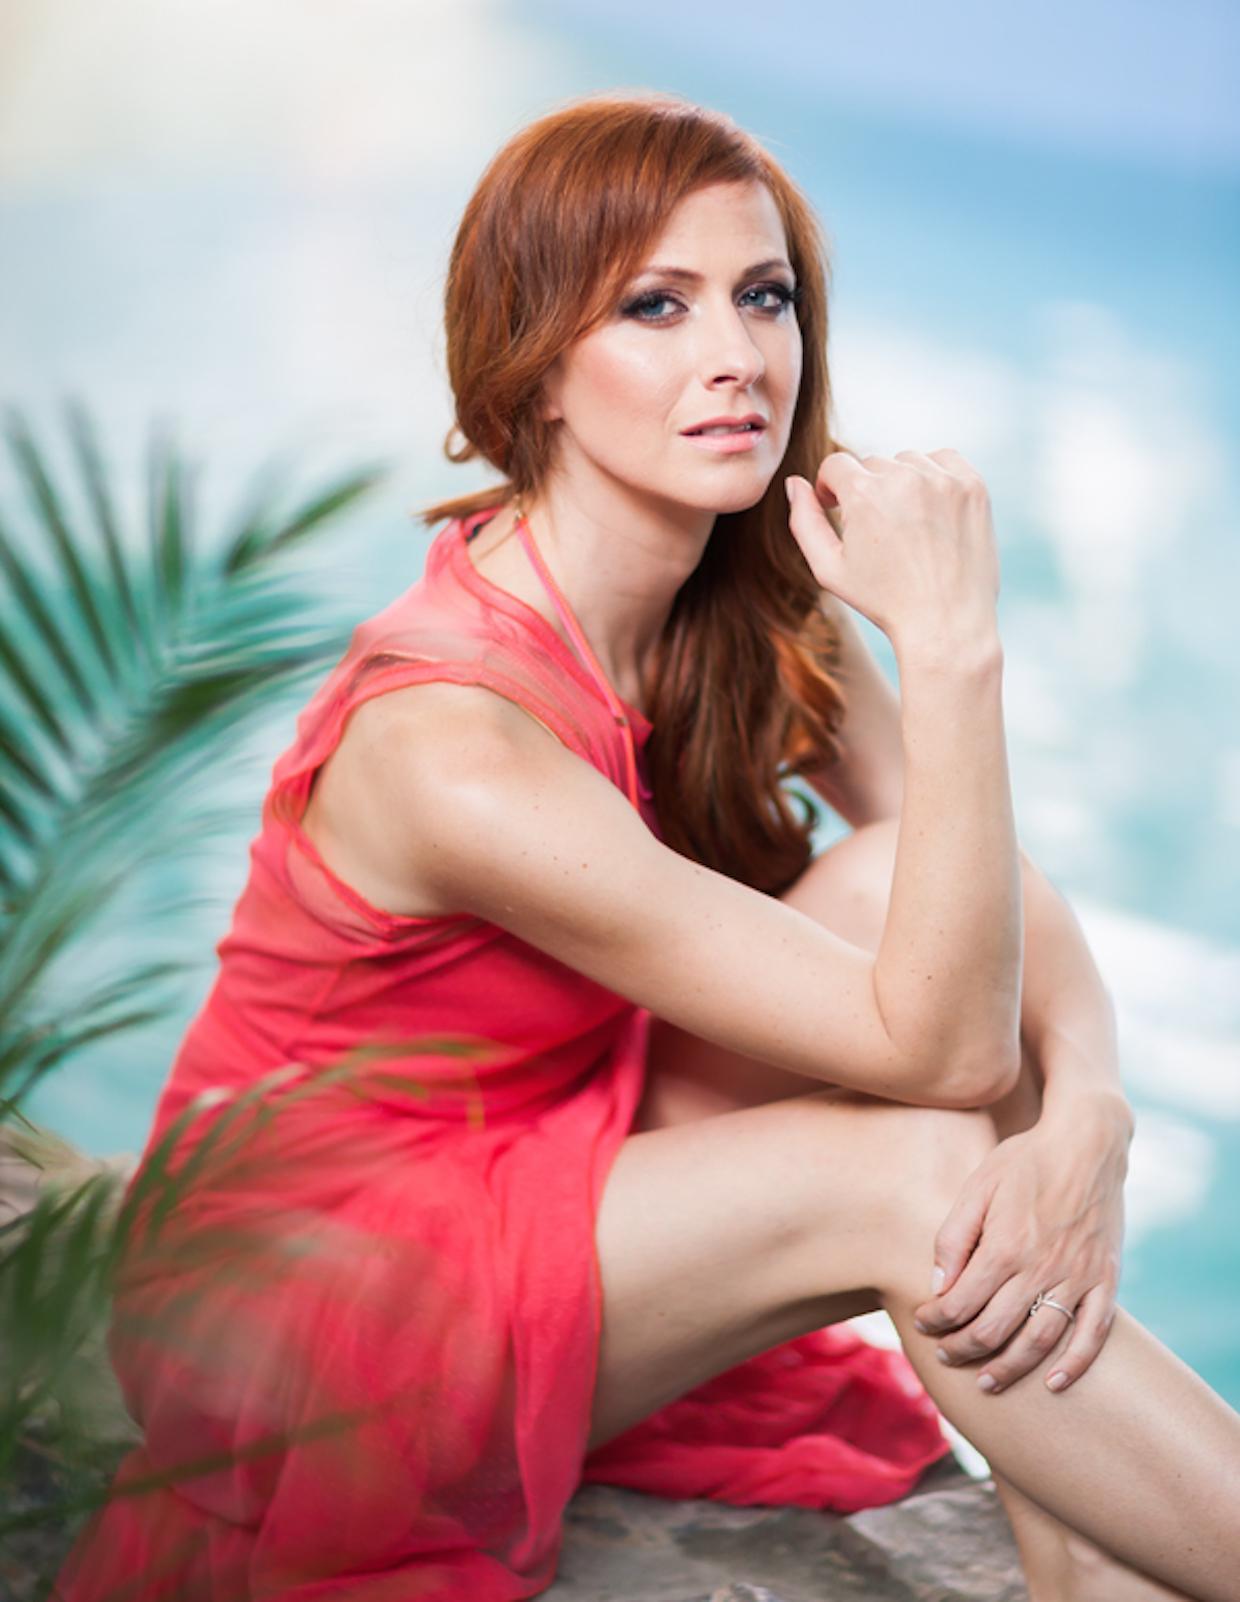 famme-fatale-2015-Nika-Veger-lepotna-blogerka-Ana-Gregoric 4